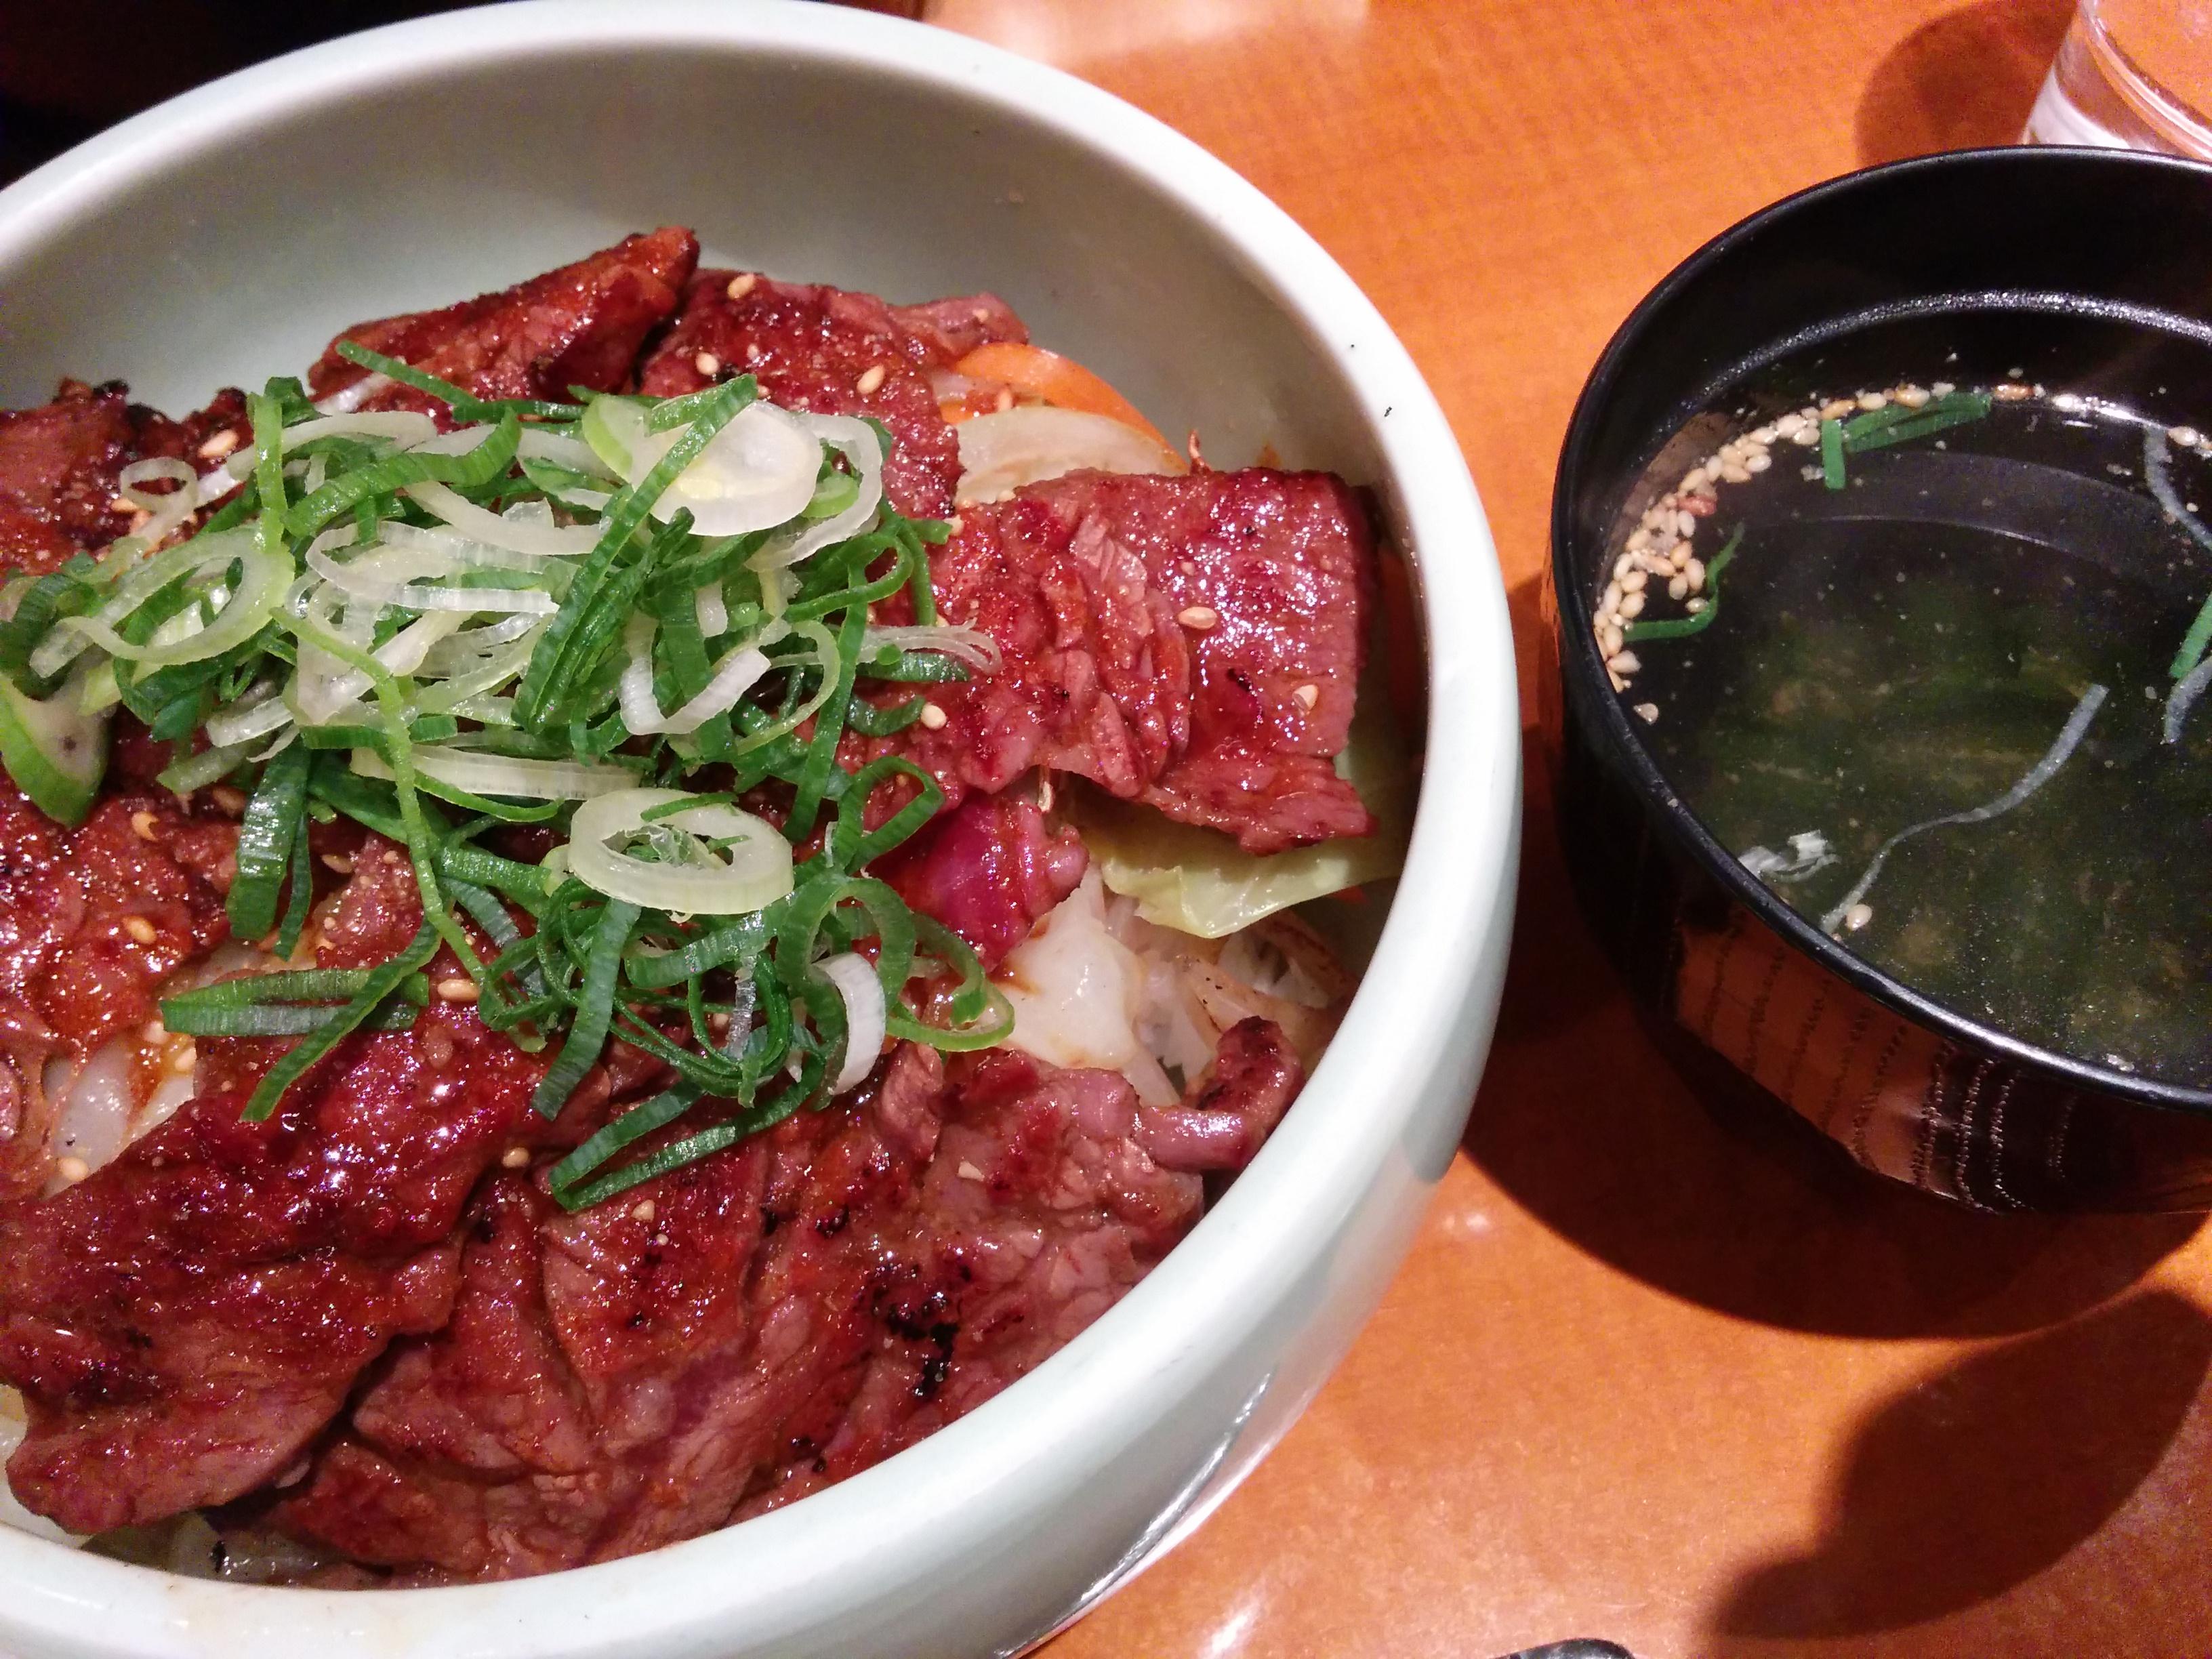 大阪焼肉-松屋-は日本で初めてハラミを販売した焼肉屋さん!